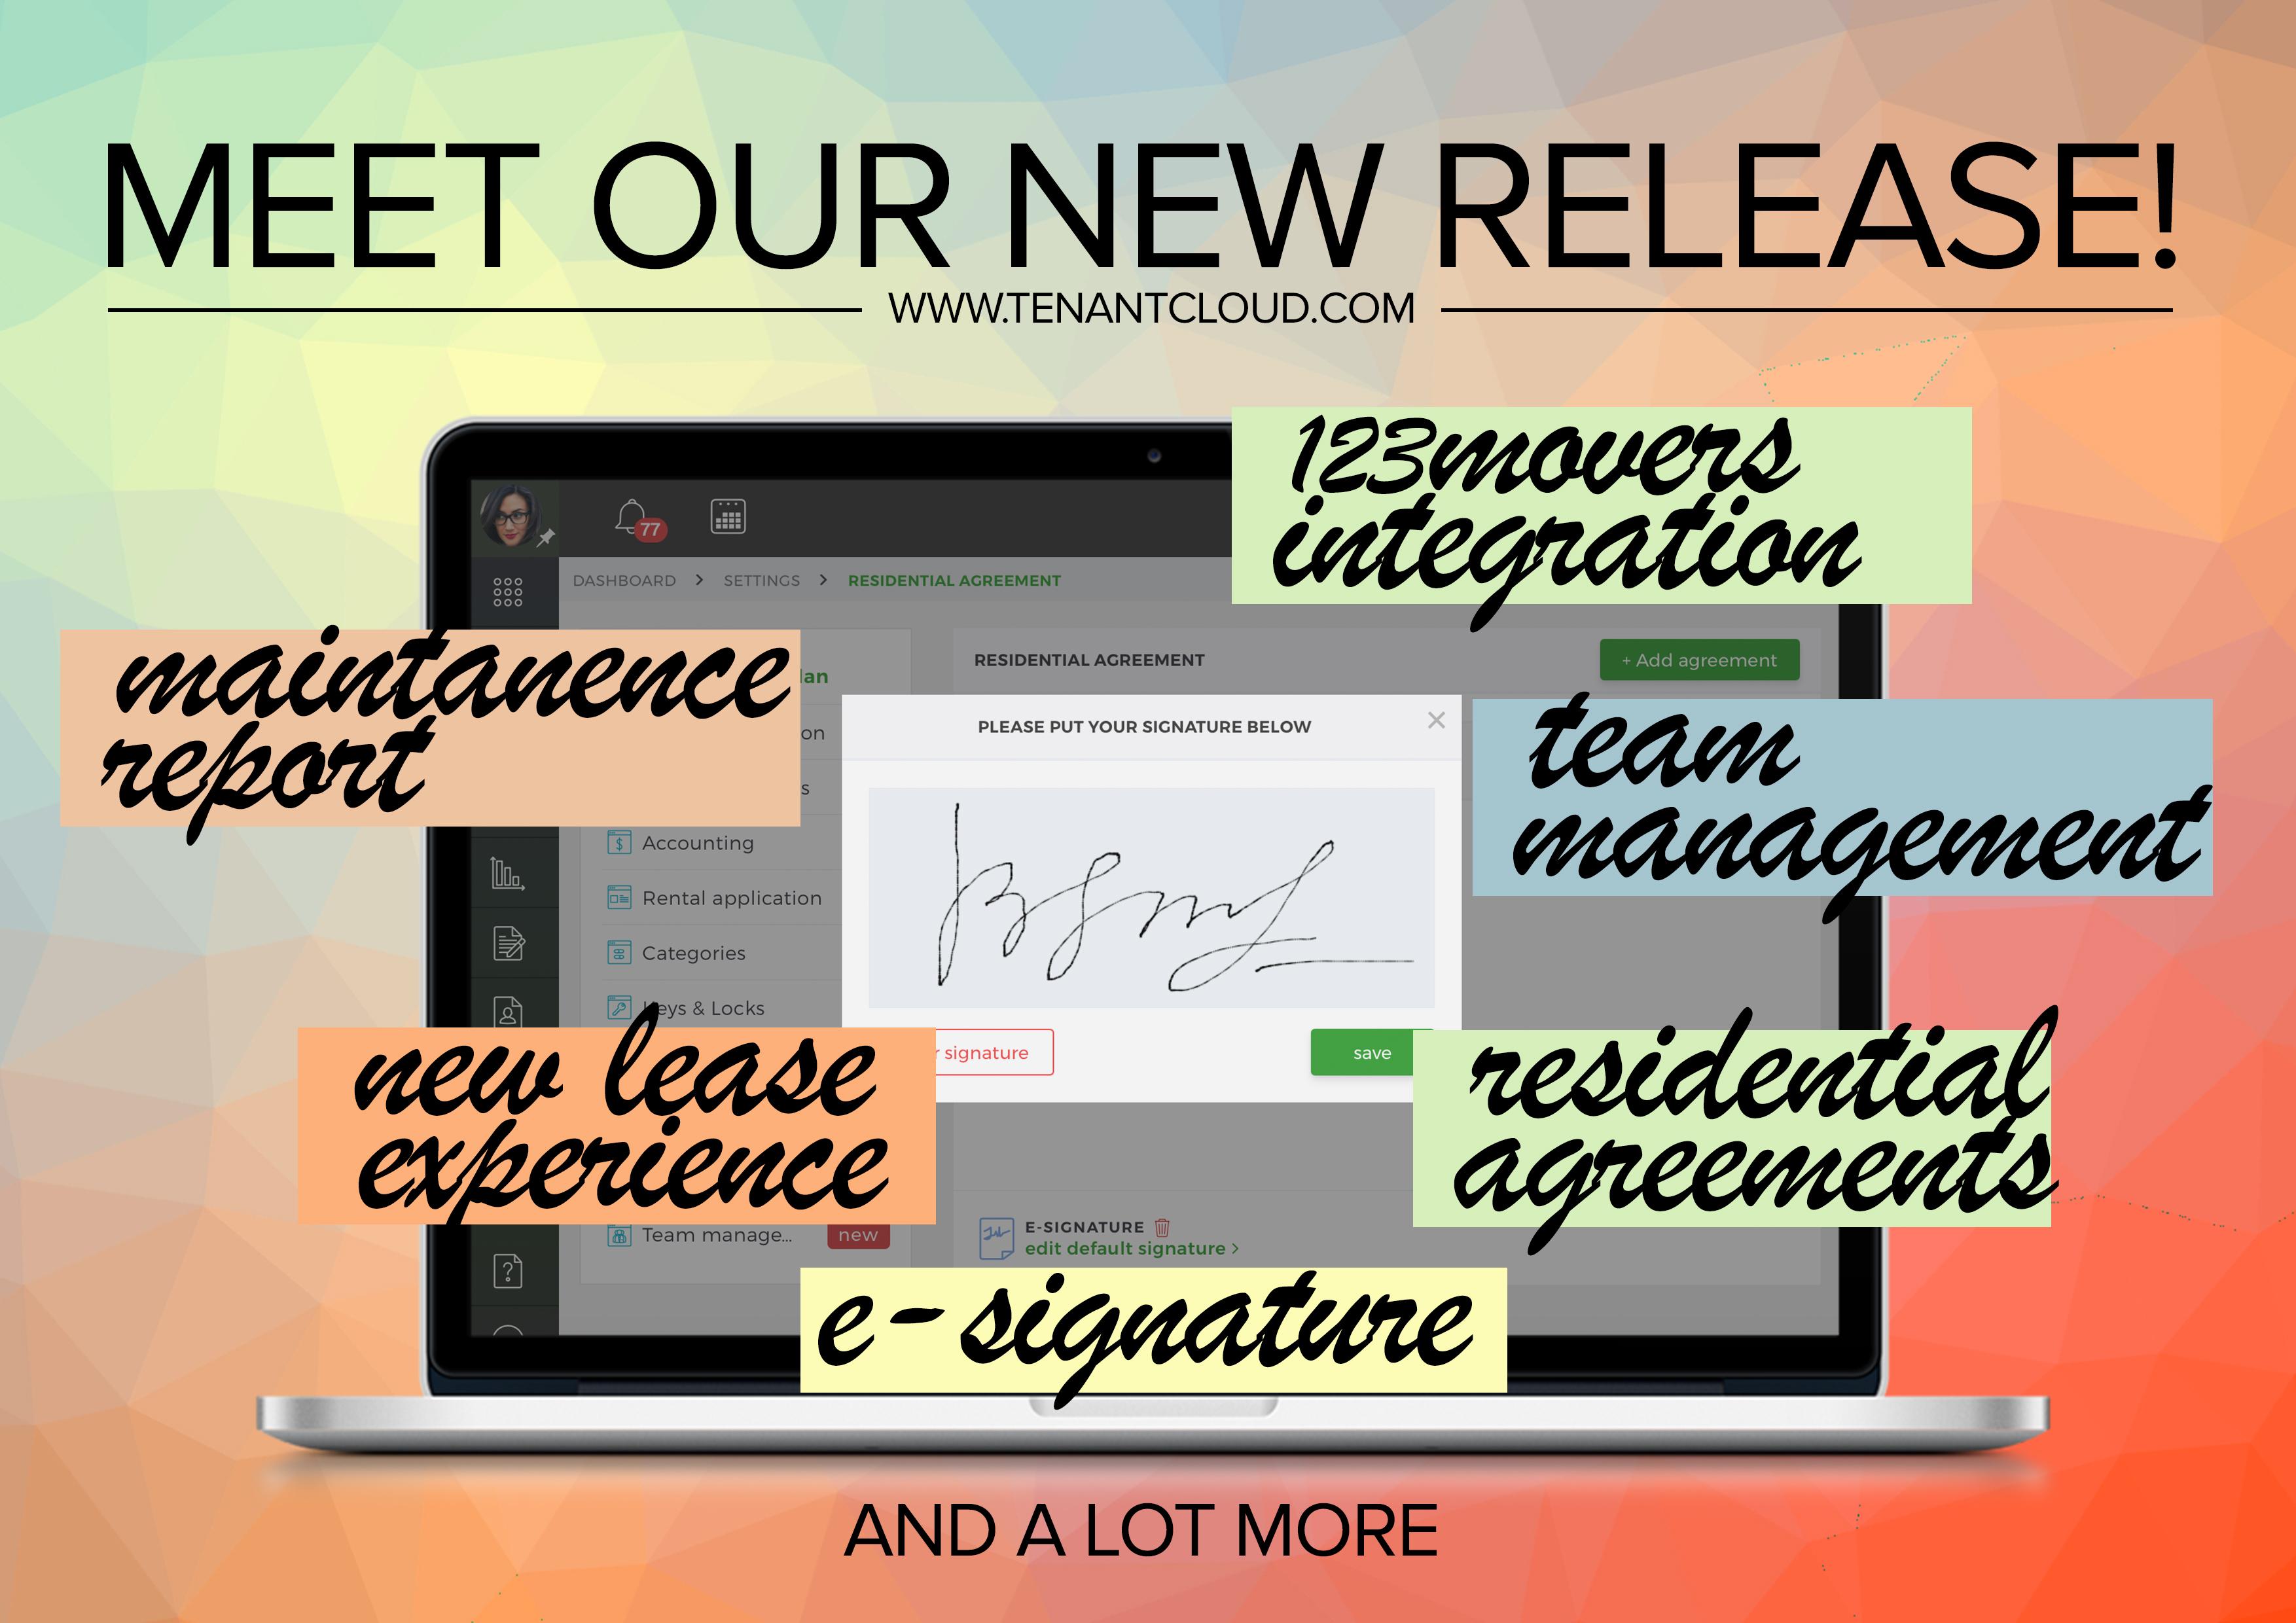 TenantCloud New Features